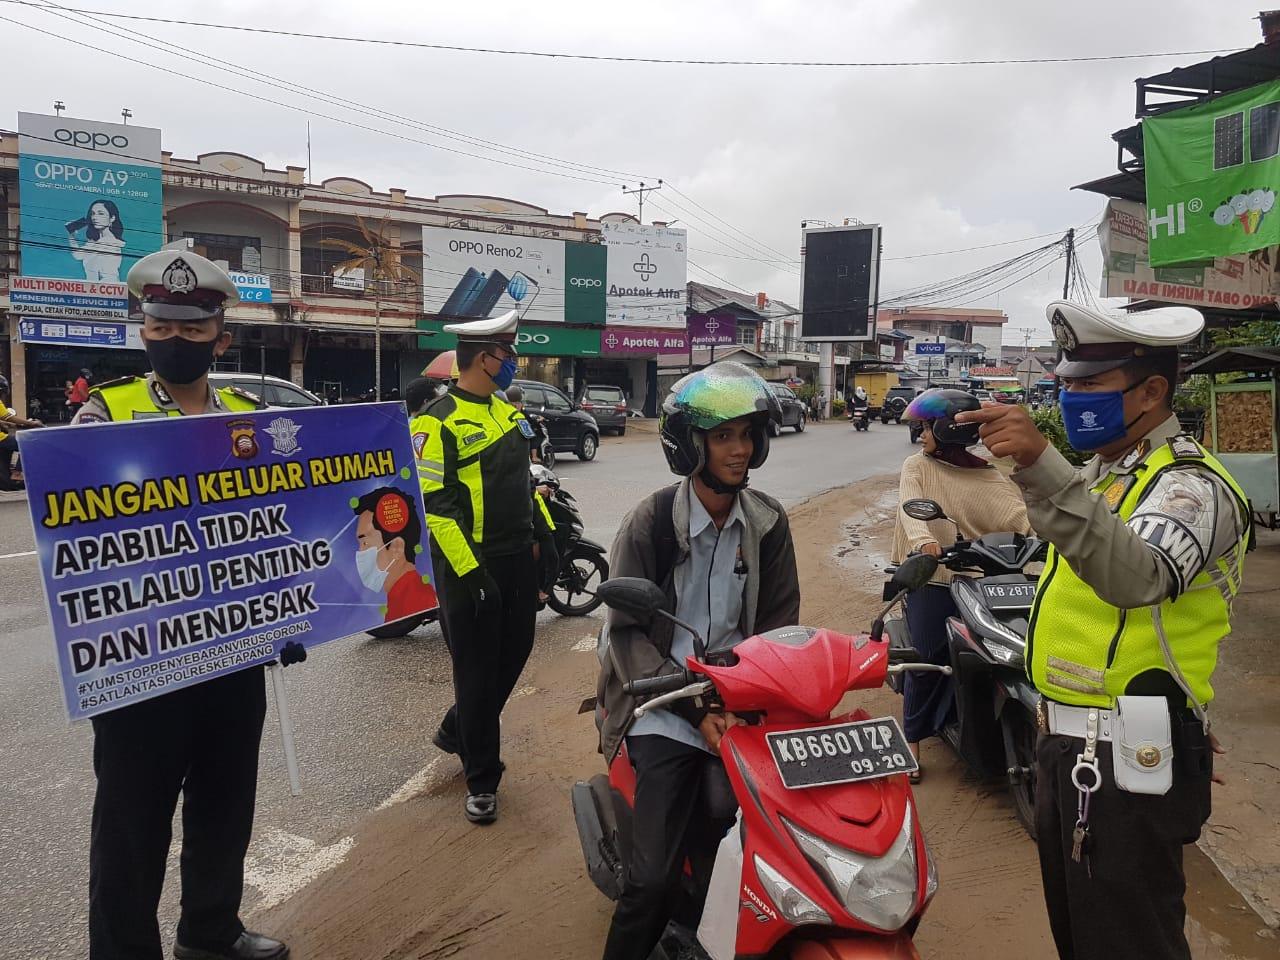 Warga Terkejut Sat Lantas Polres Ketapang Gelar Razia Masker